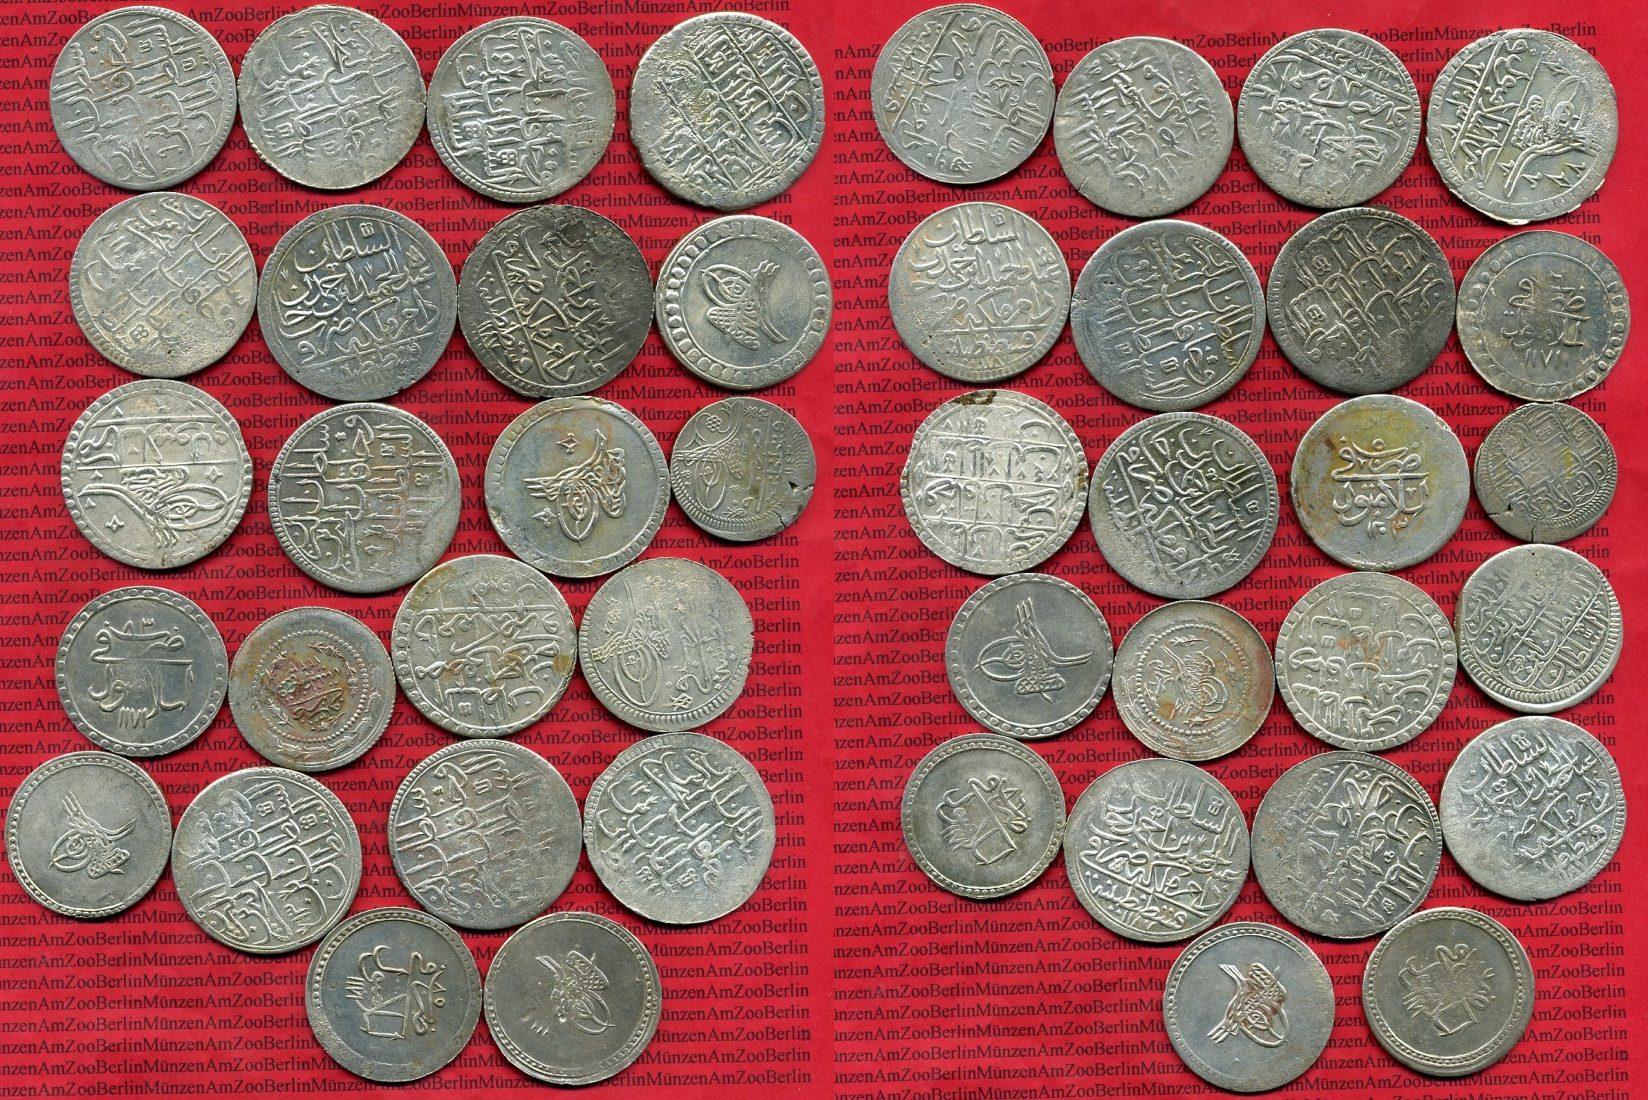 Lot Türkei 18. 19. Jhdt 22 Münzen 1800 ff Türkei Osmanisches Reich Türkei Lot von 22 Silbermünzen 18. und 19. Jahrhundert alle Sammelwürdig Lot see picture